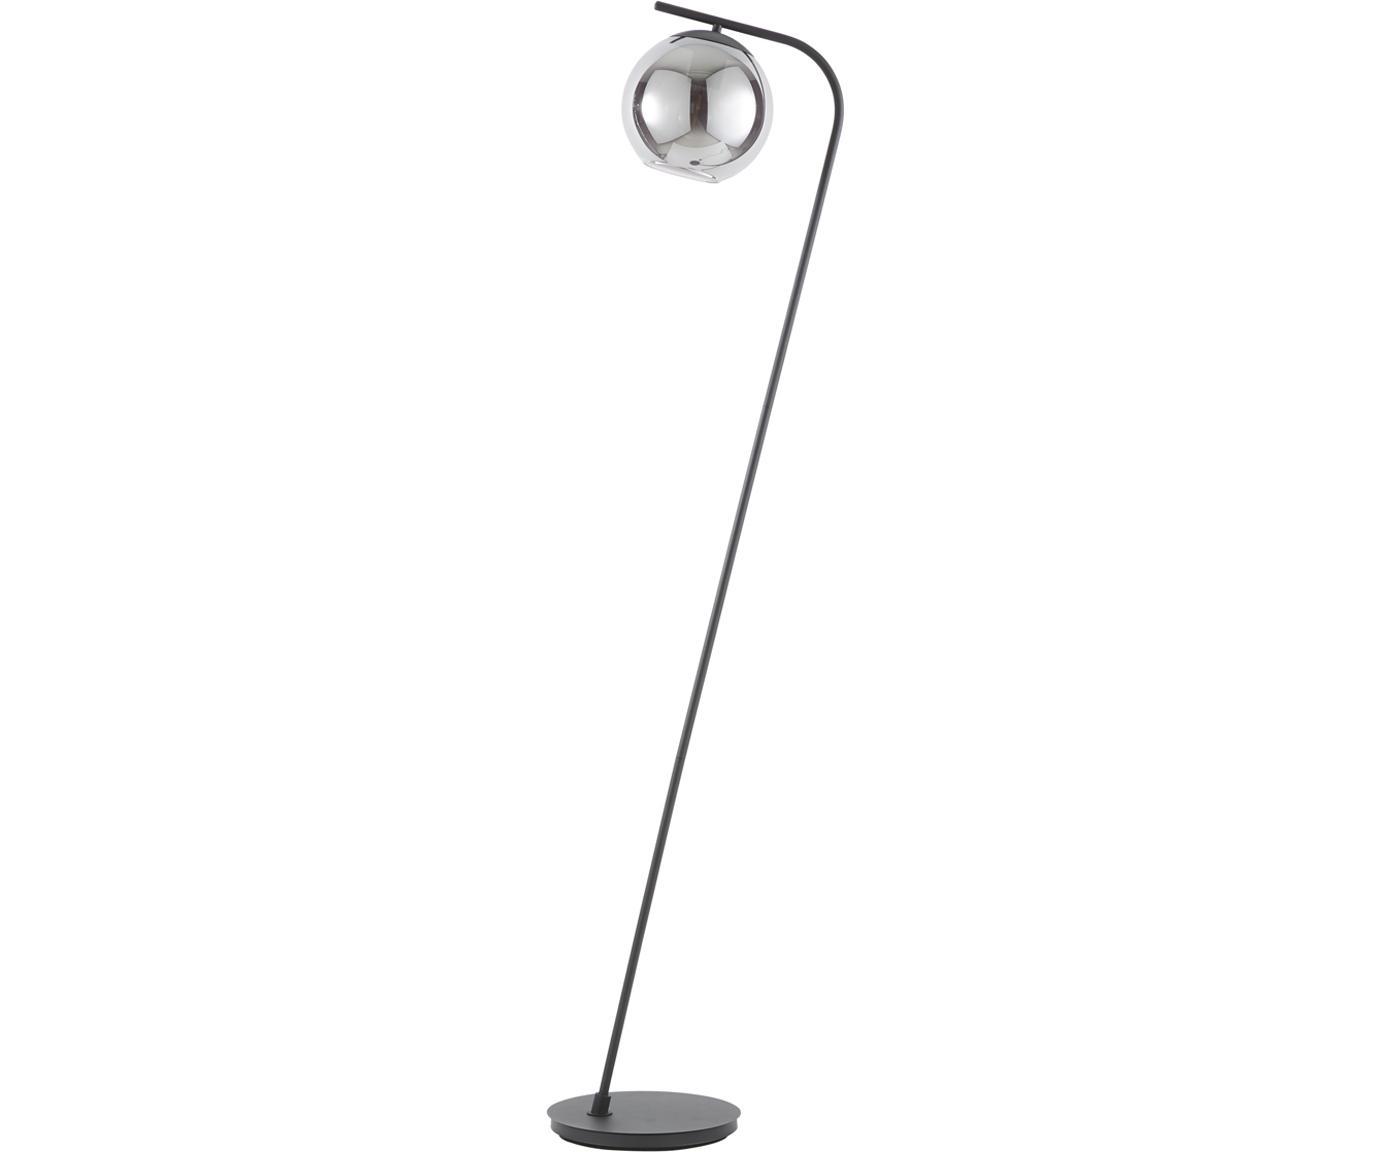 Vloerlamp Amos, Lampenkap: glas, Lampvoet: gepoedercoat metaal, Zwart, transparant, Ø 20 x H 150 cm